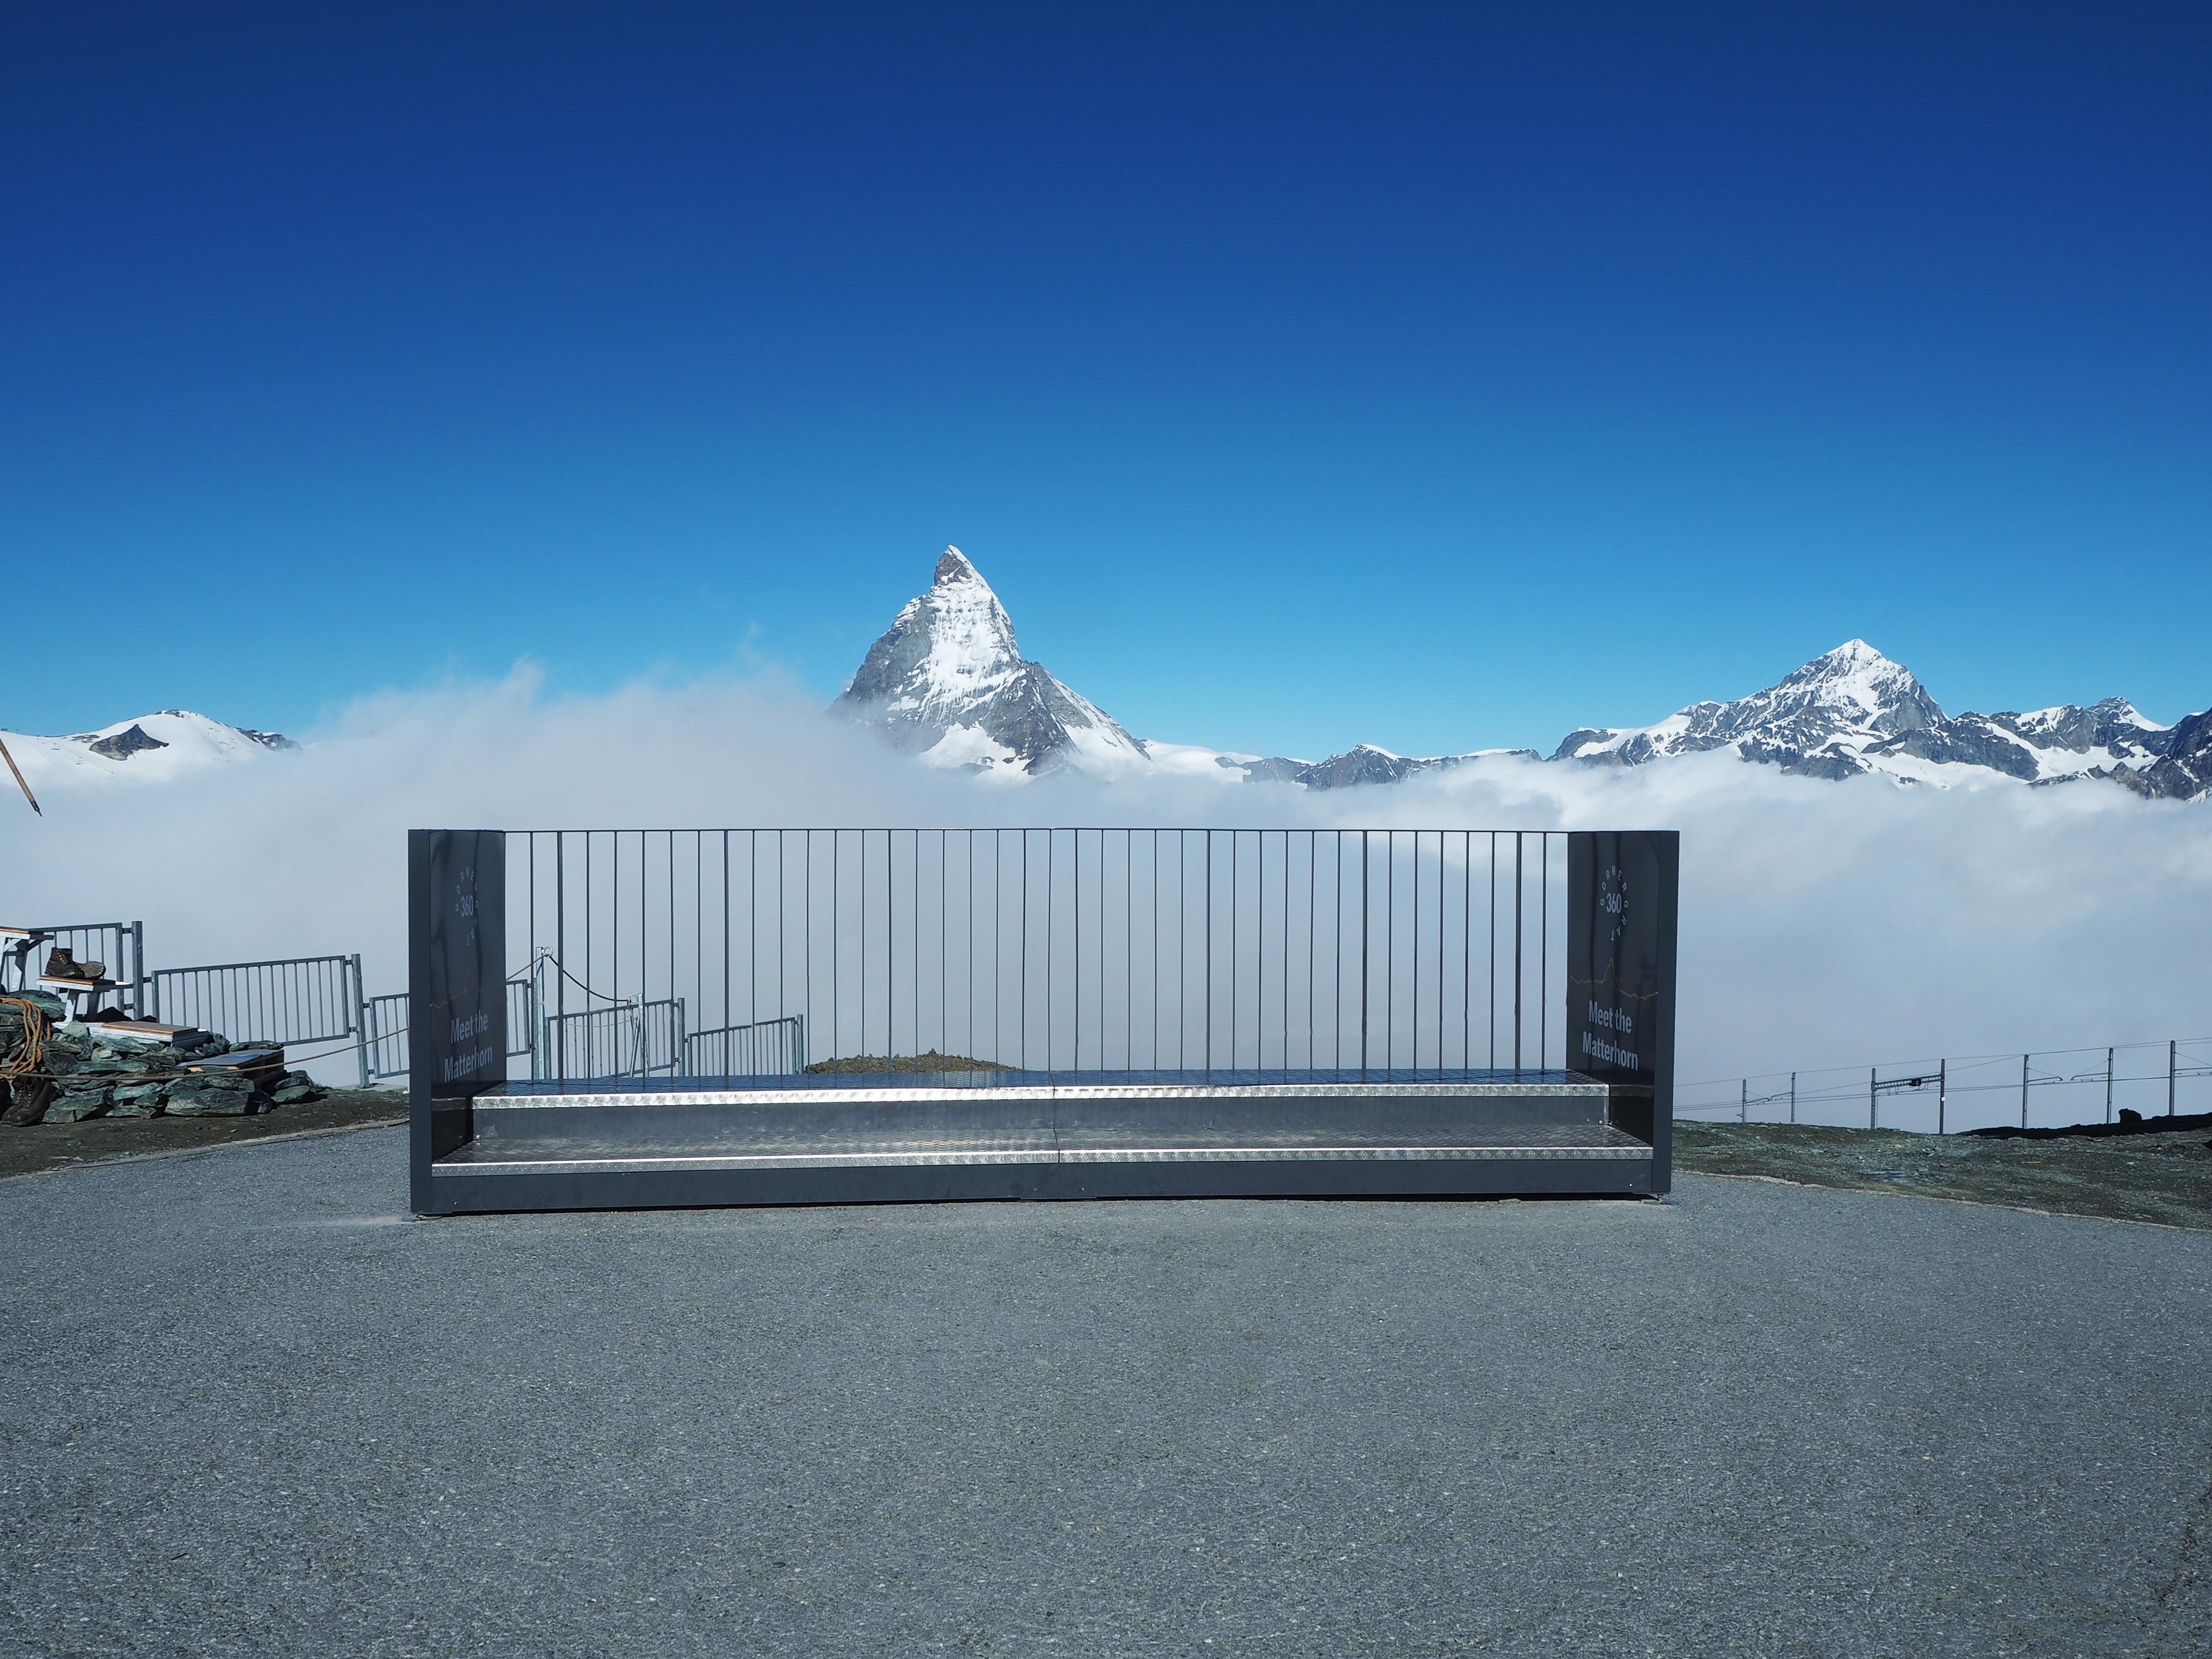 Matterhorn Gotthard Bahn Gornergrat